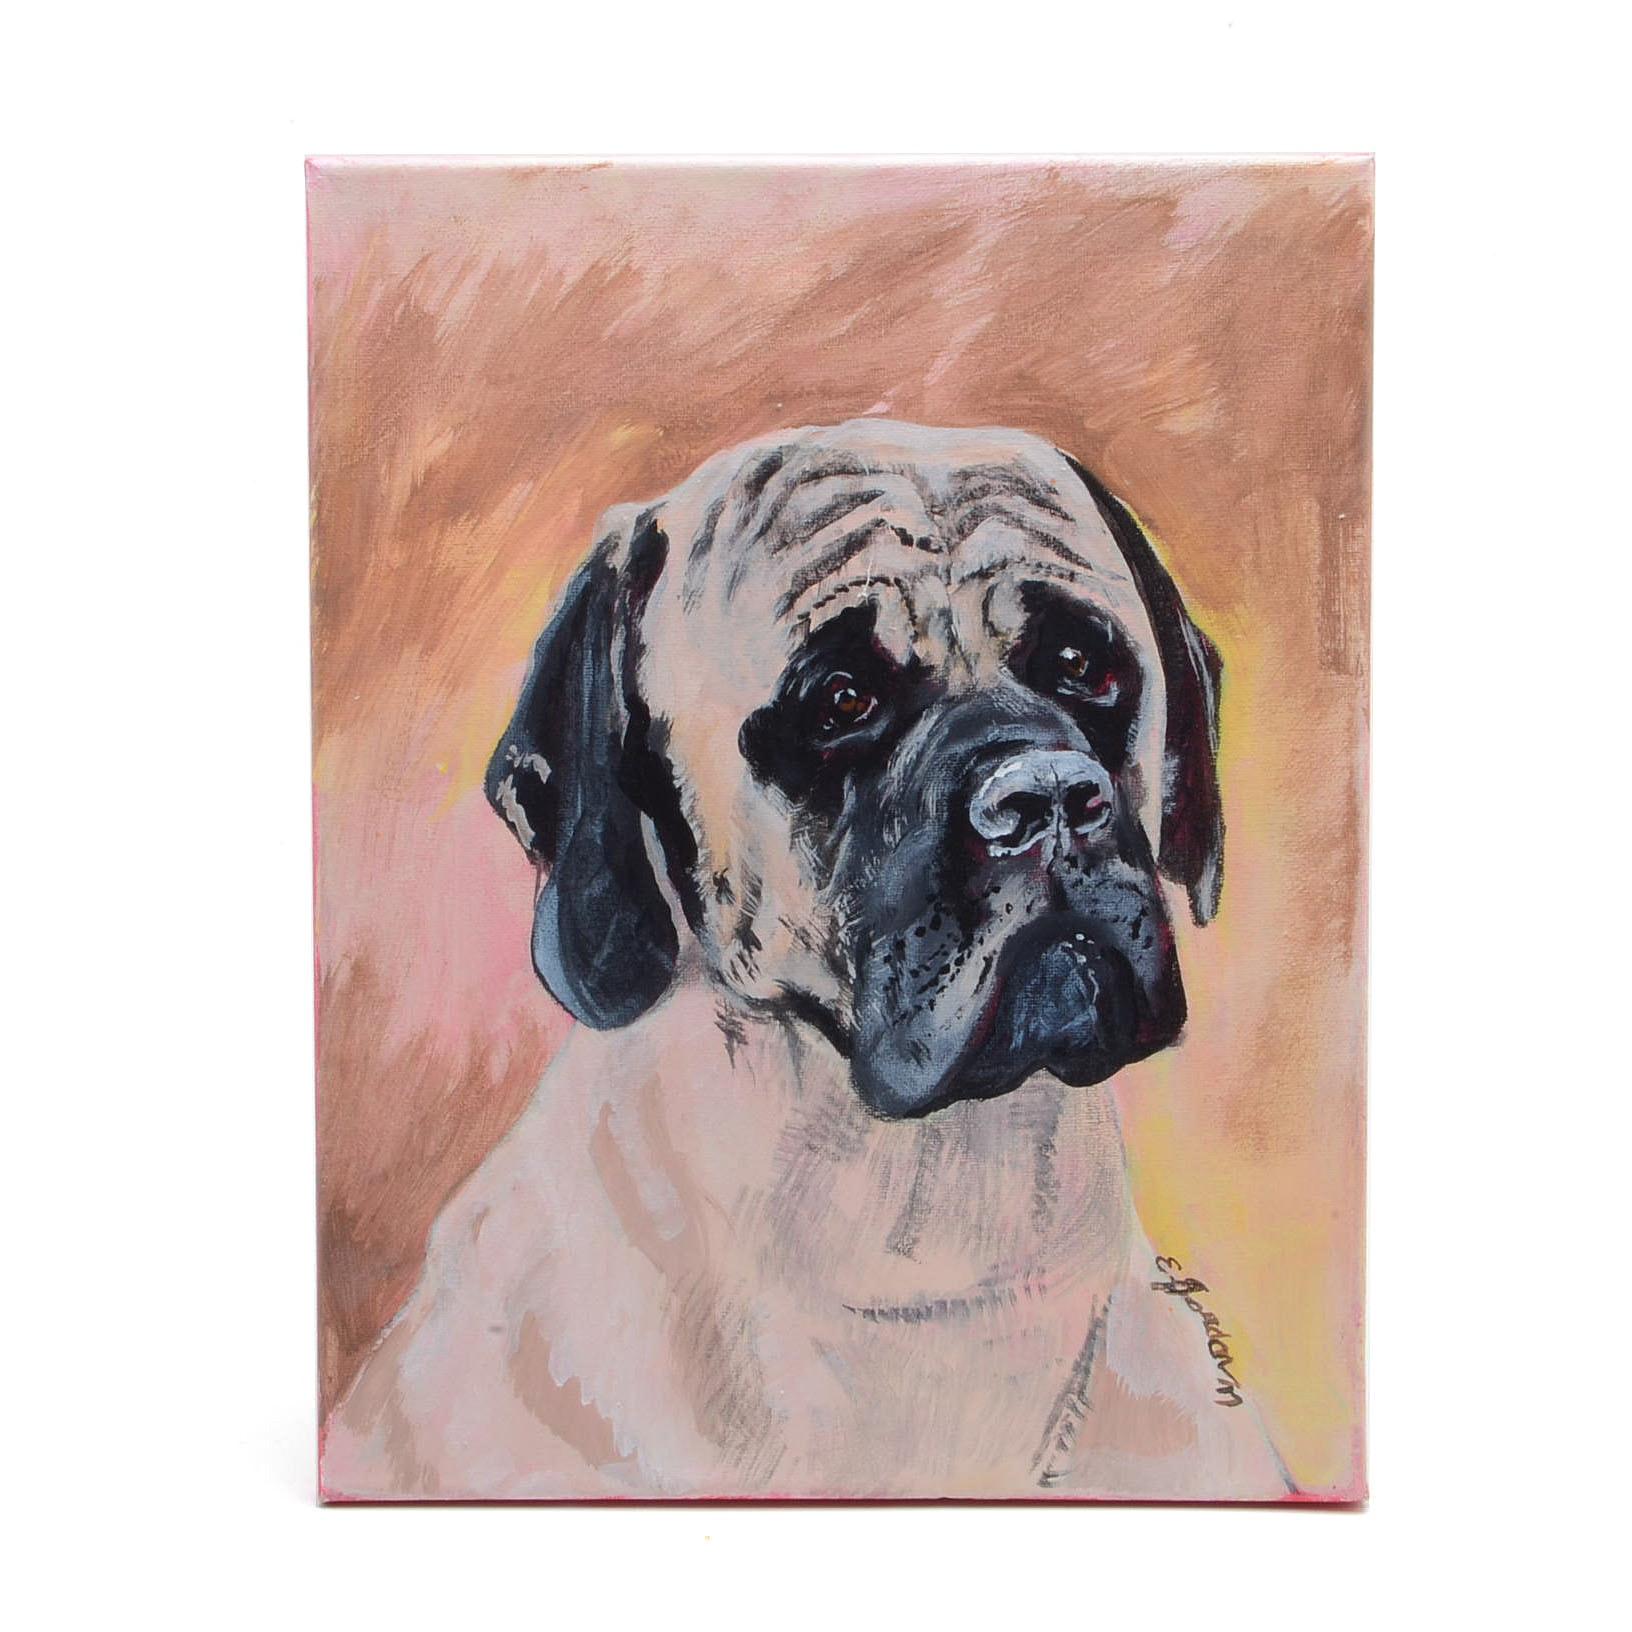 Elliott Jordan Acrylic Painting of an English Mastiff